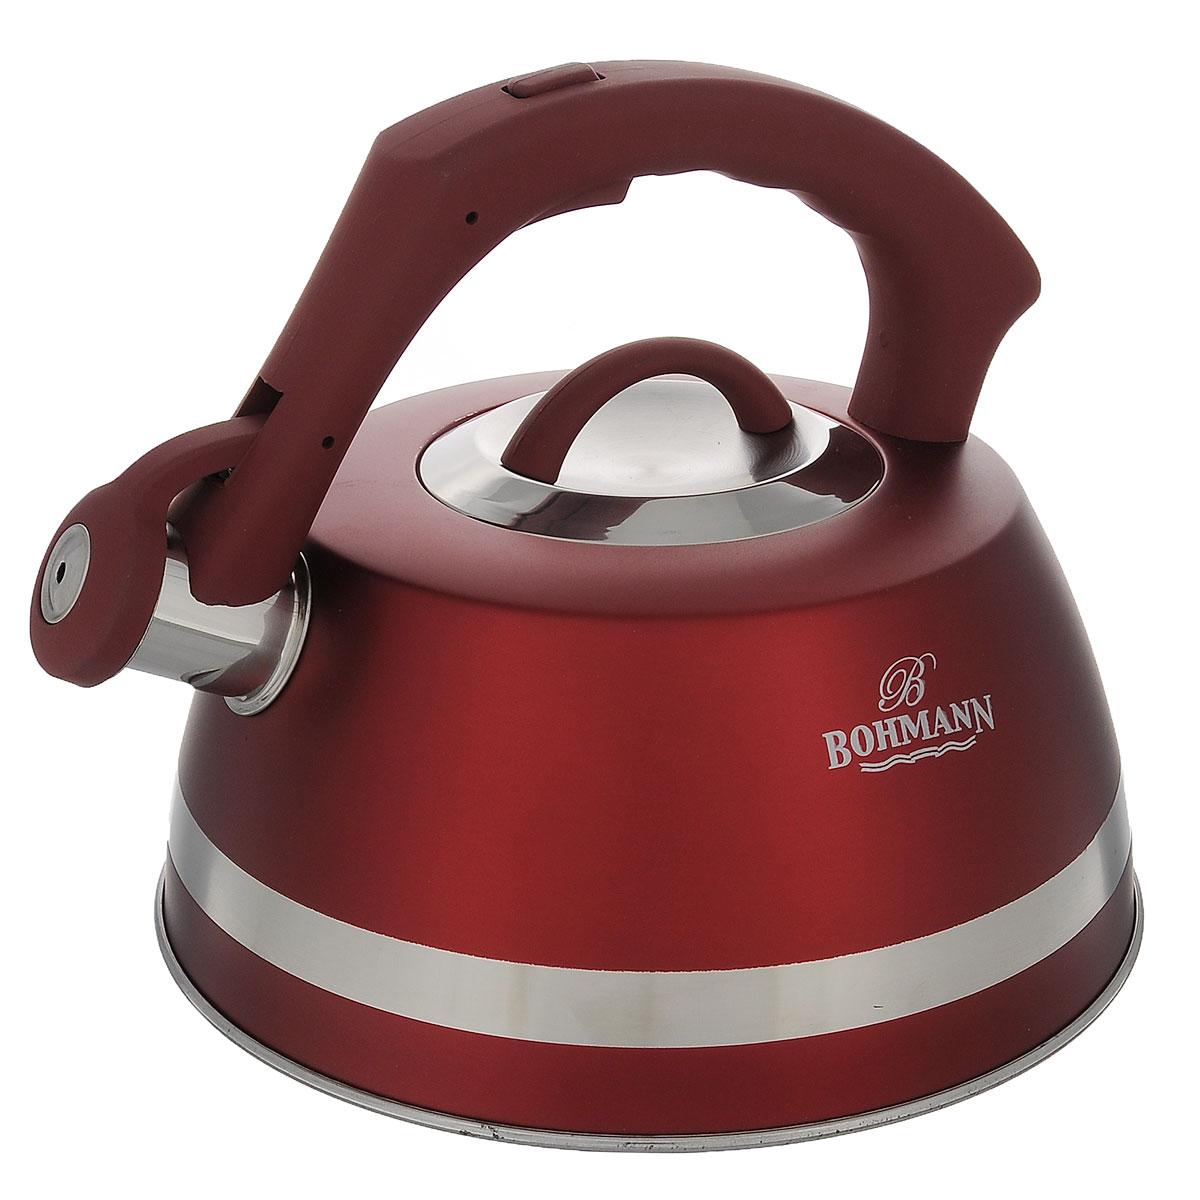 Чайник Bohmann со свистком, цвет: красный, 3,5 л. BH - 996794672Чайник Bohmann изготовлен из высококачественной нержавеющей стали с матовым цветным покрытием. Фиксированная ручка изготовлена из бакелита с прорезиненным покрытием. Носик чайника оснащен откидным свистком, звуковой сигнал которого подскажет, когда закипит вода. Свисток открывается нажатием кнопки на ручке.Чайник Bohmann - качественное исполнение и стильное решение для вашей кухни. Подходит для использования на газовых, стеклокерамических, электрических, галогеновых и индукционных плитах. Нельзя мыть в посудомоечной машине.